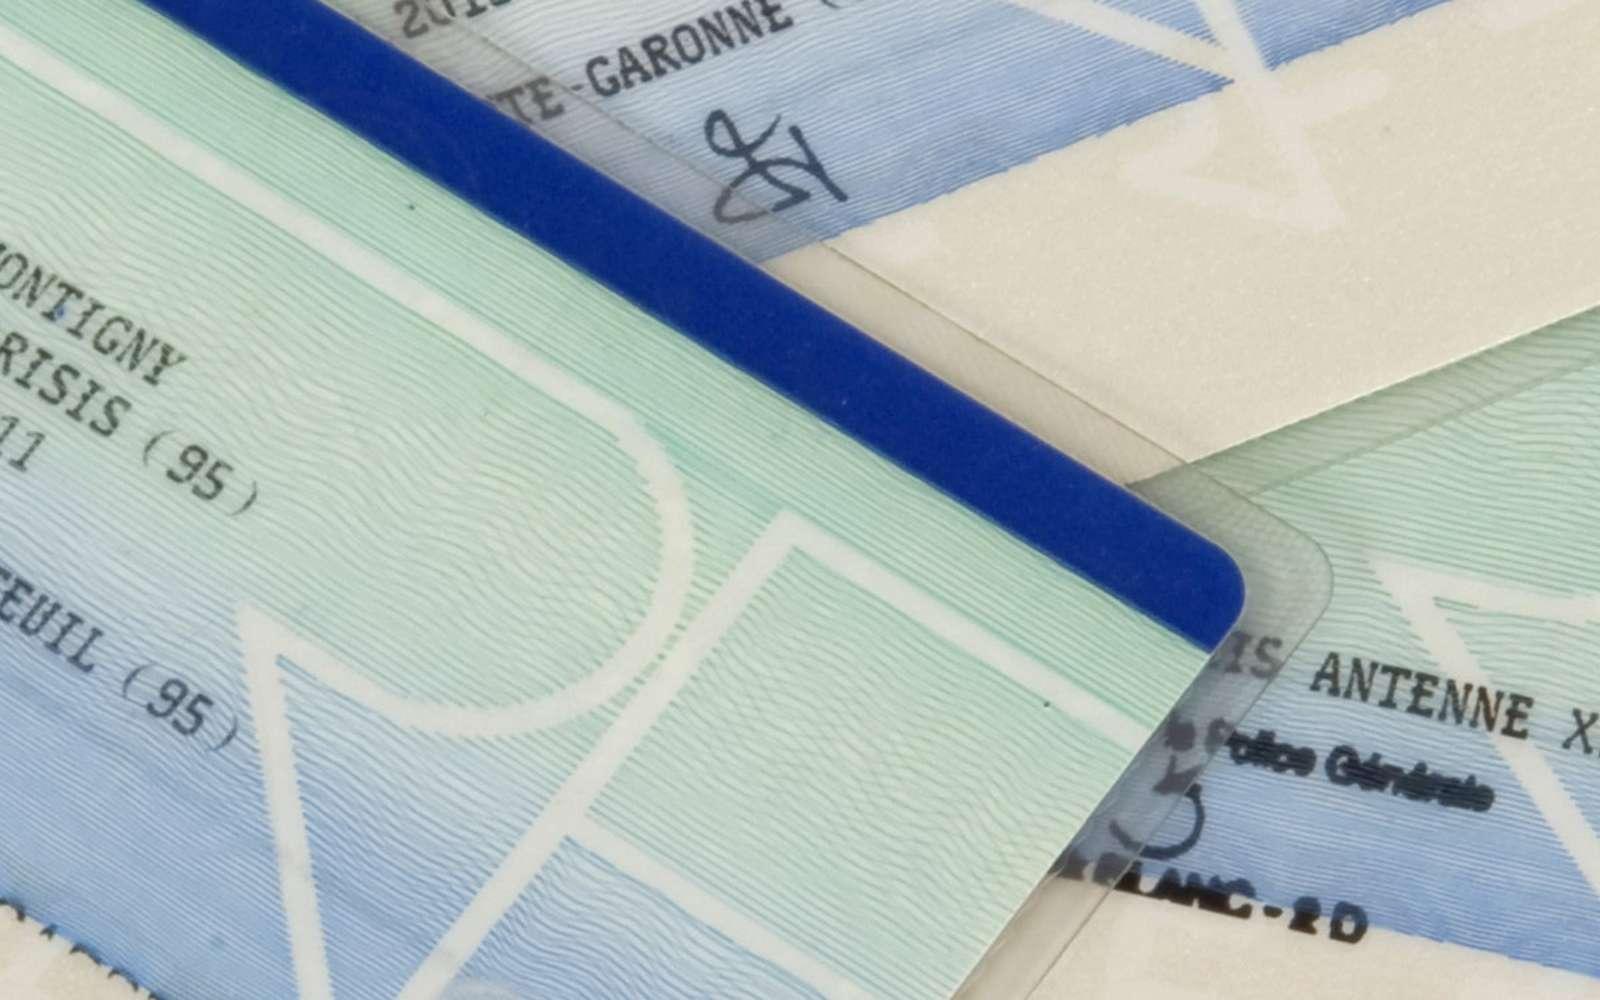 Les nouvelles cartes d'identité électroniques seront généralisées à partir du 2 août 2021. © Ministère de l'Intérieur